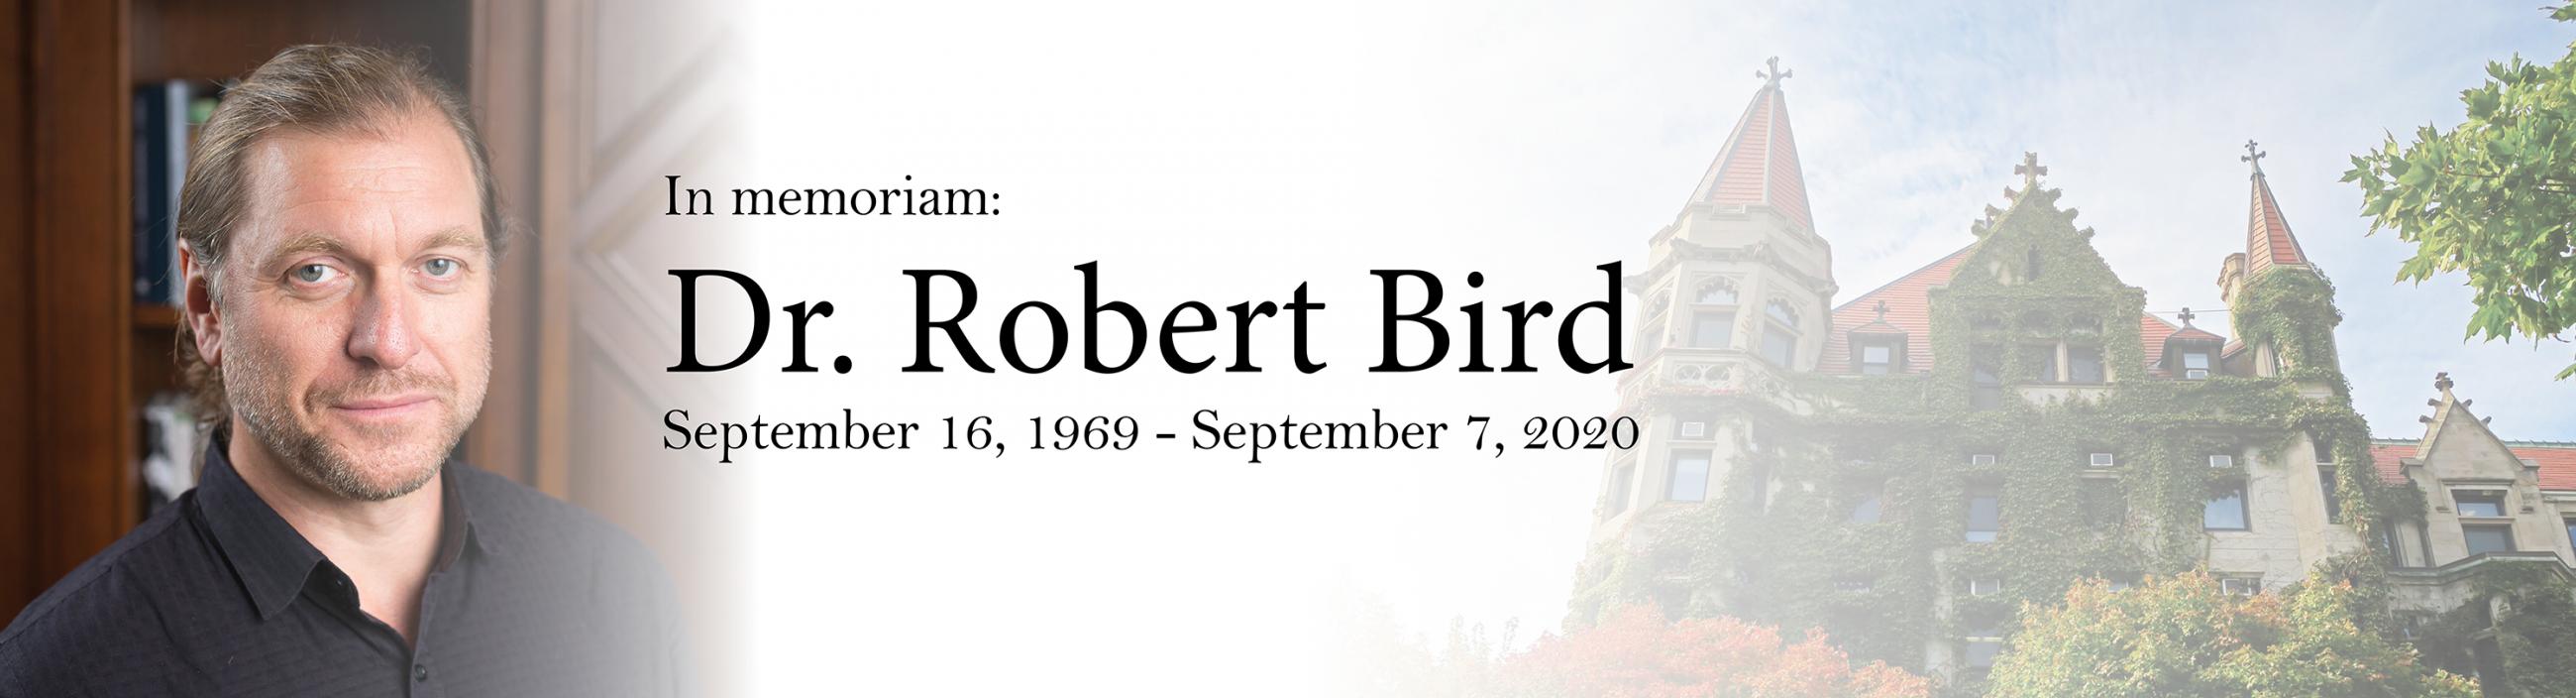 Dr. Robert Bird